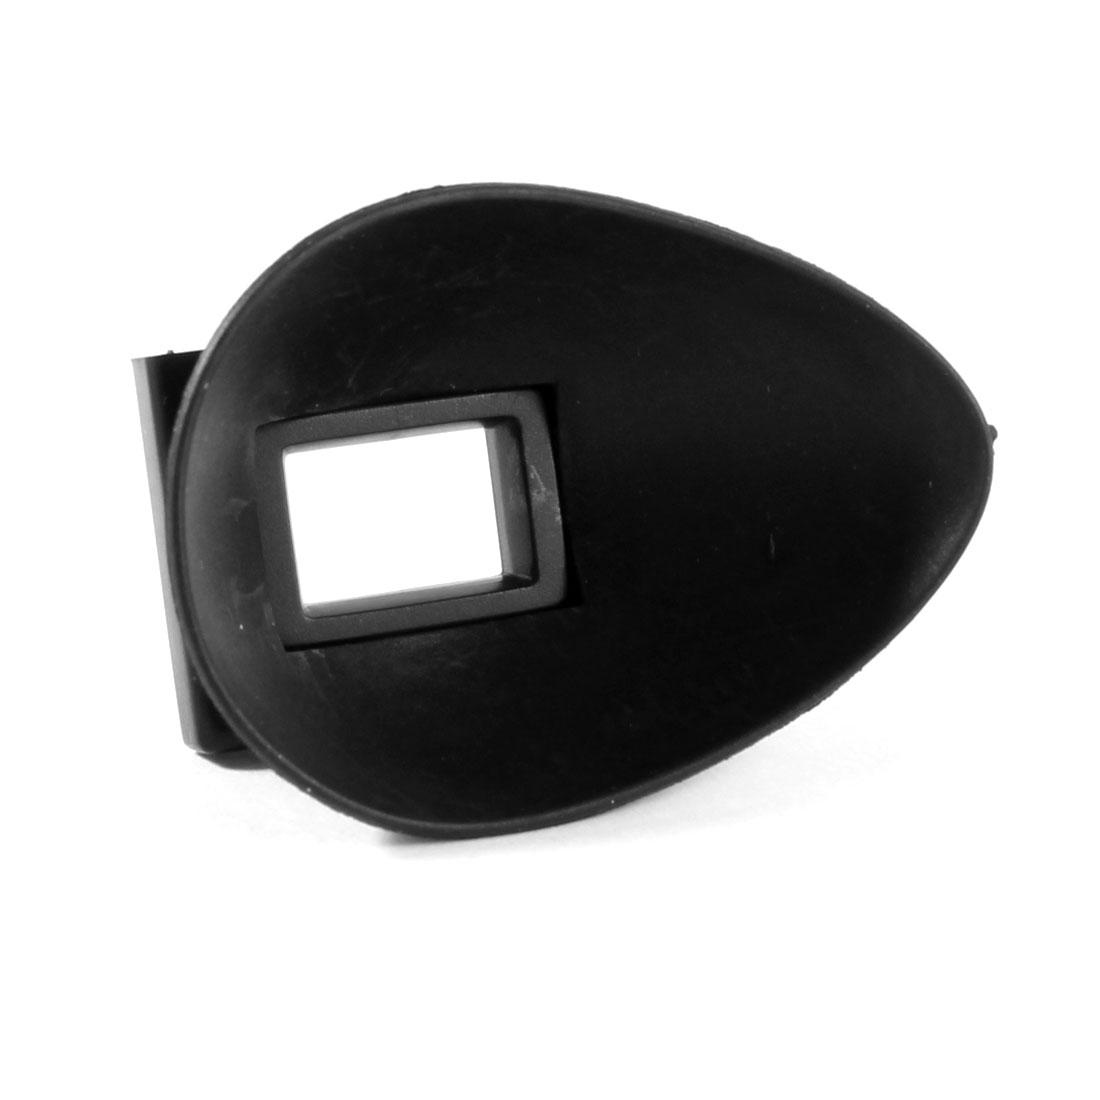 22mm Rubber Eyepiece Eyecup Blinder for Canon EOS 30 55 50D 50E 33 3 5 Camera